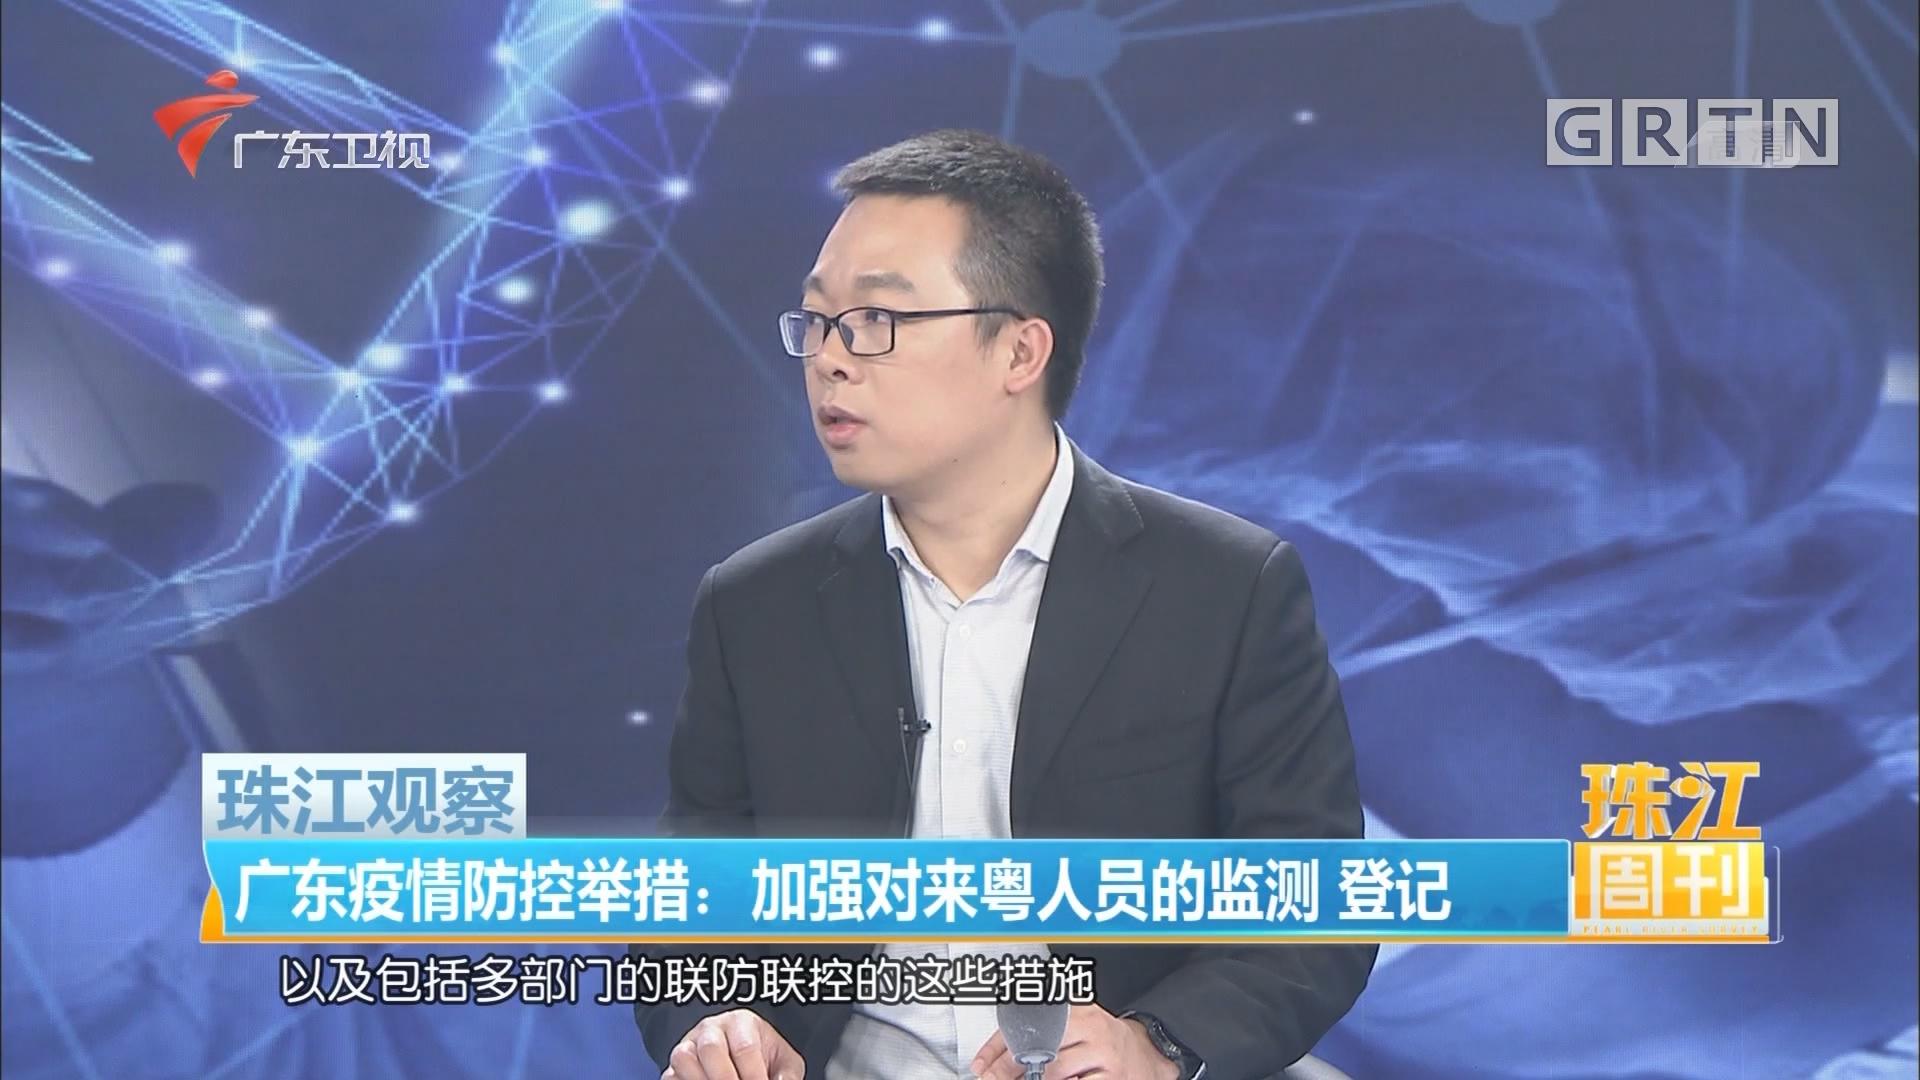 广东疫情防控举措:加强对来粤人员的监测 登记